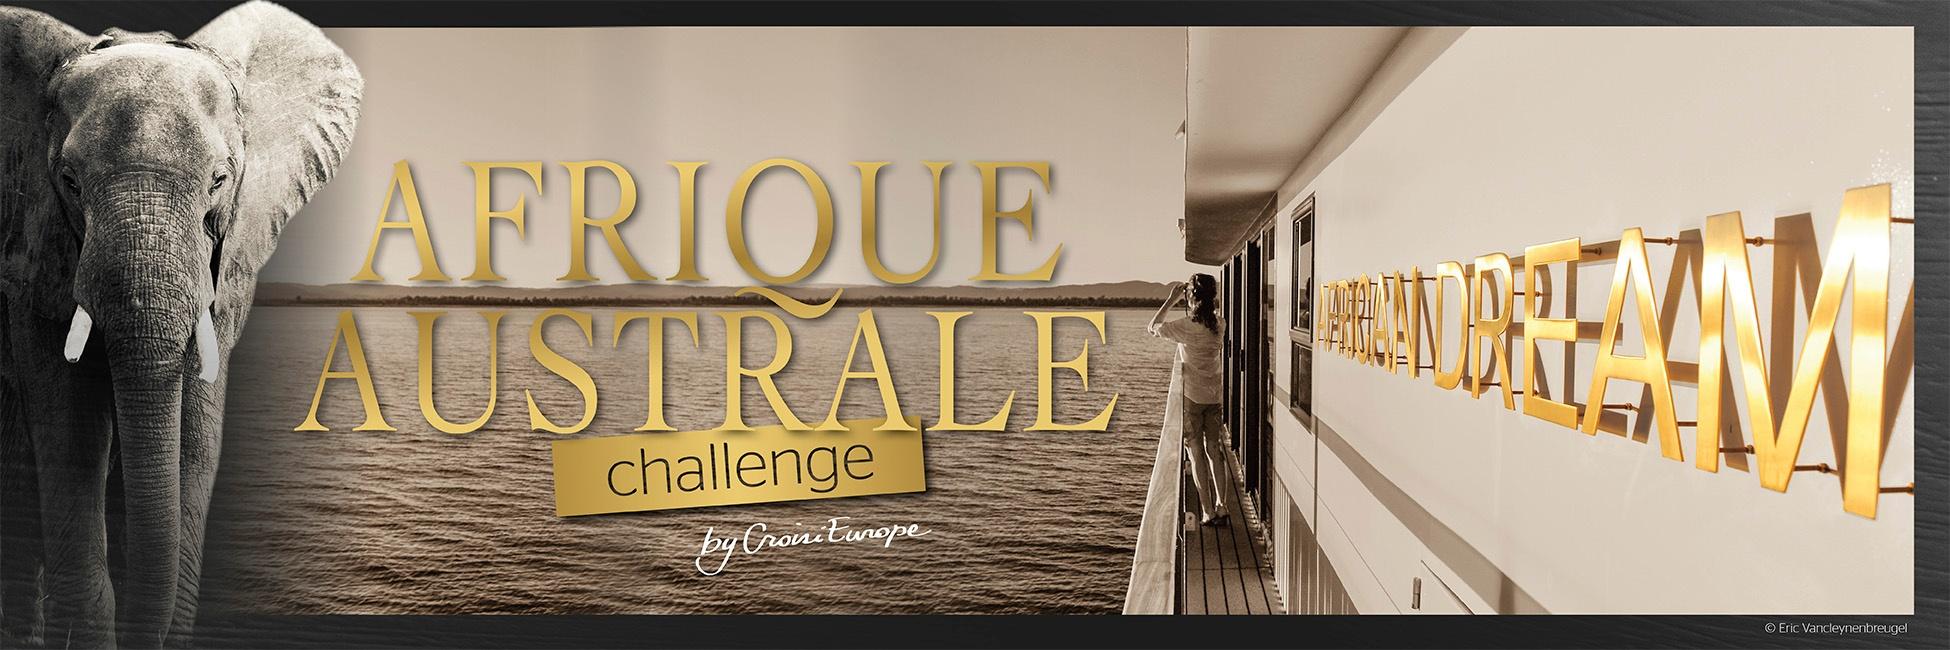 challenge-afrique-australe-b2b